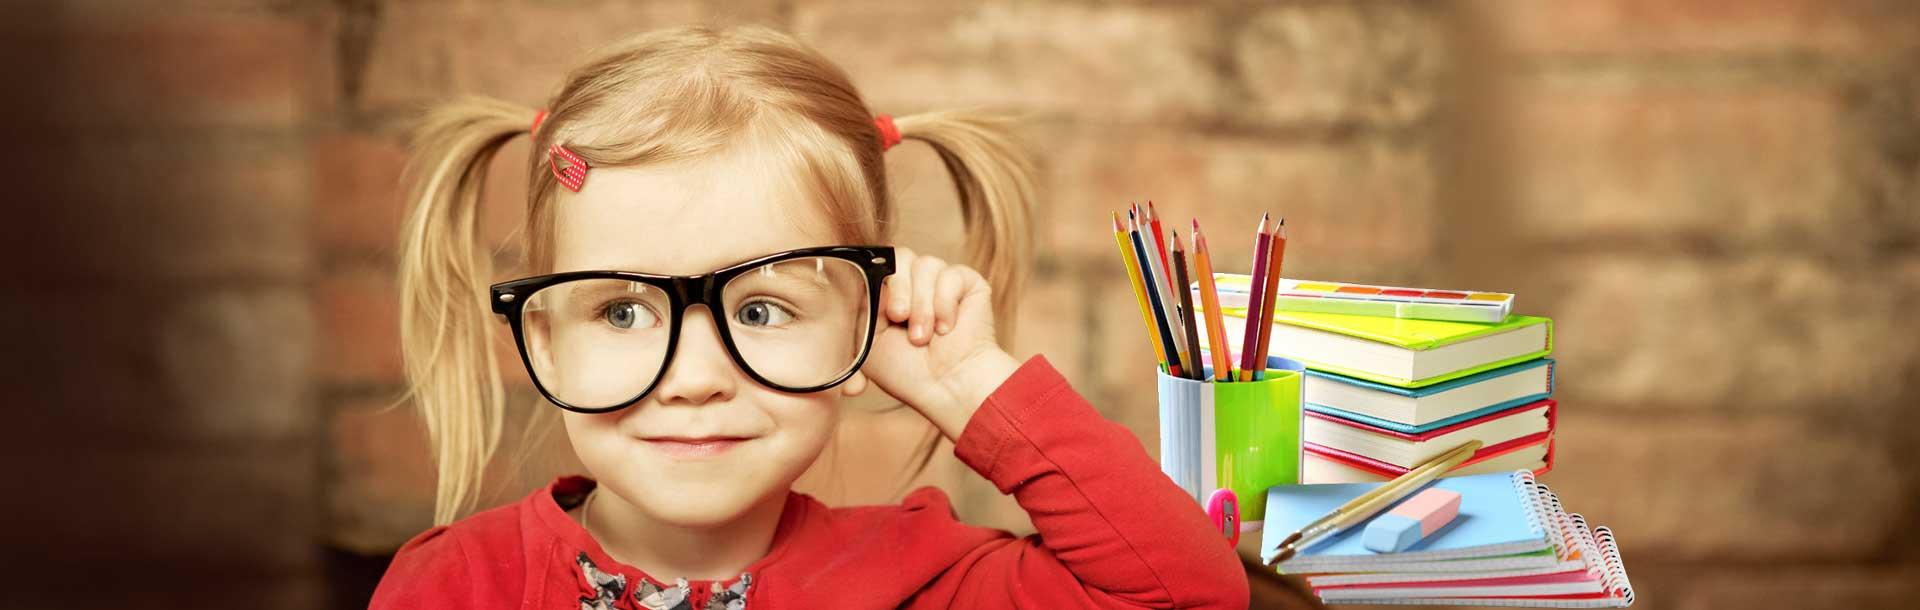 Little Genius las vegas nv | call (702) 703-6336